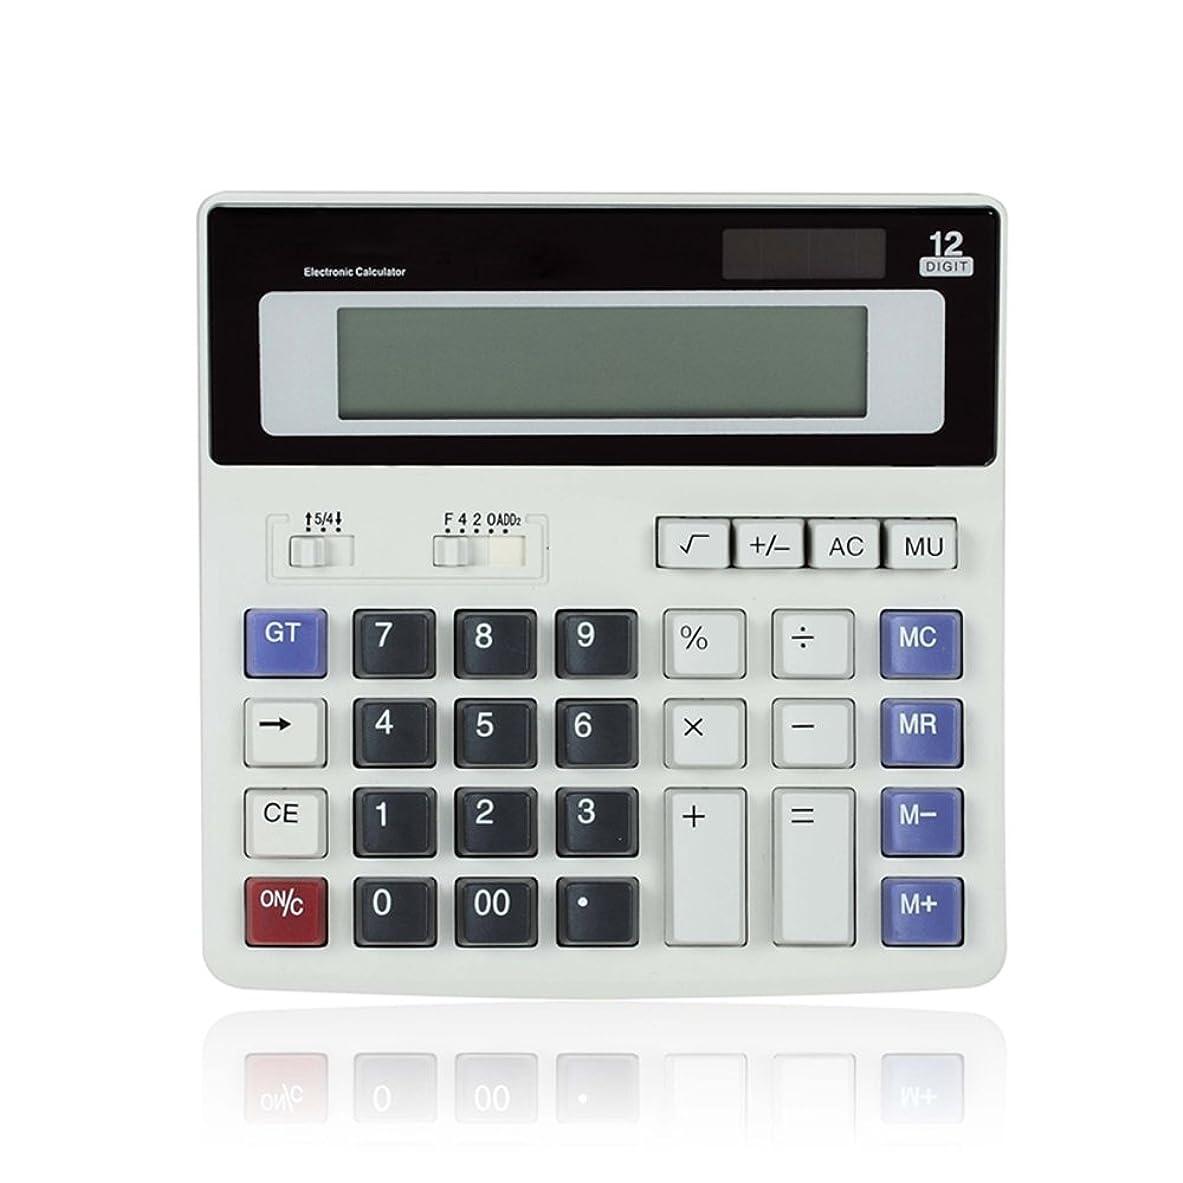 ピンポイント強制スリチンモイ電子計算ビジネスMini Solar AAバッテリ基本的なデスクトップFinancial科学的オフィス電卓、単純なデスク電卓12桁大型LCD表示 グレー